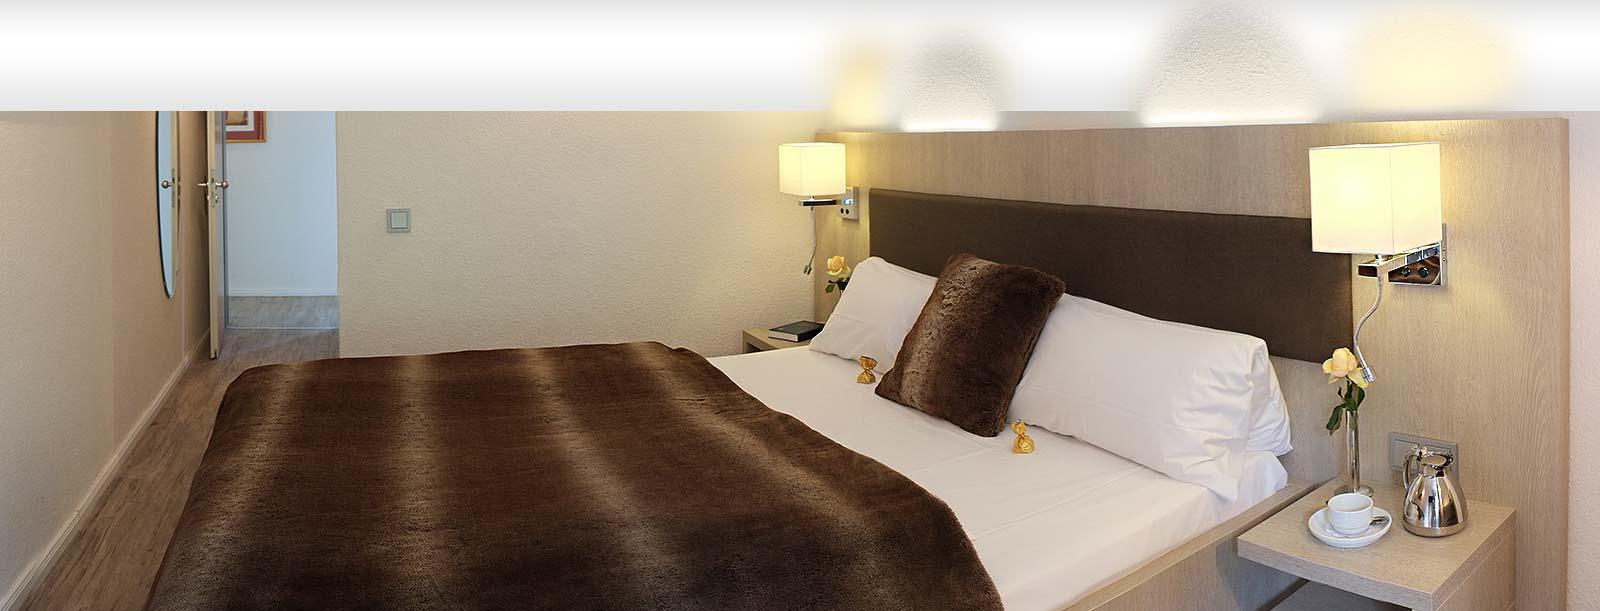 Hotelzimmer 2 head